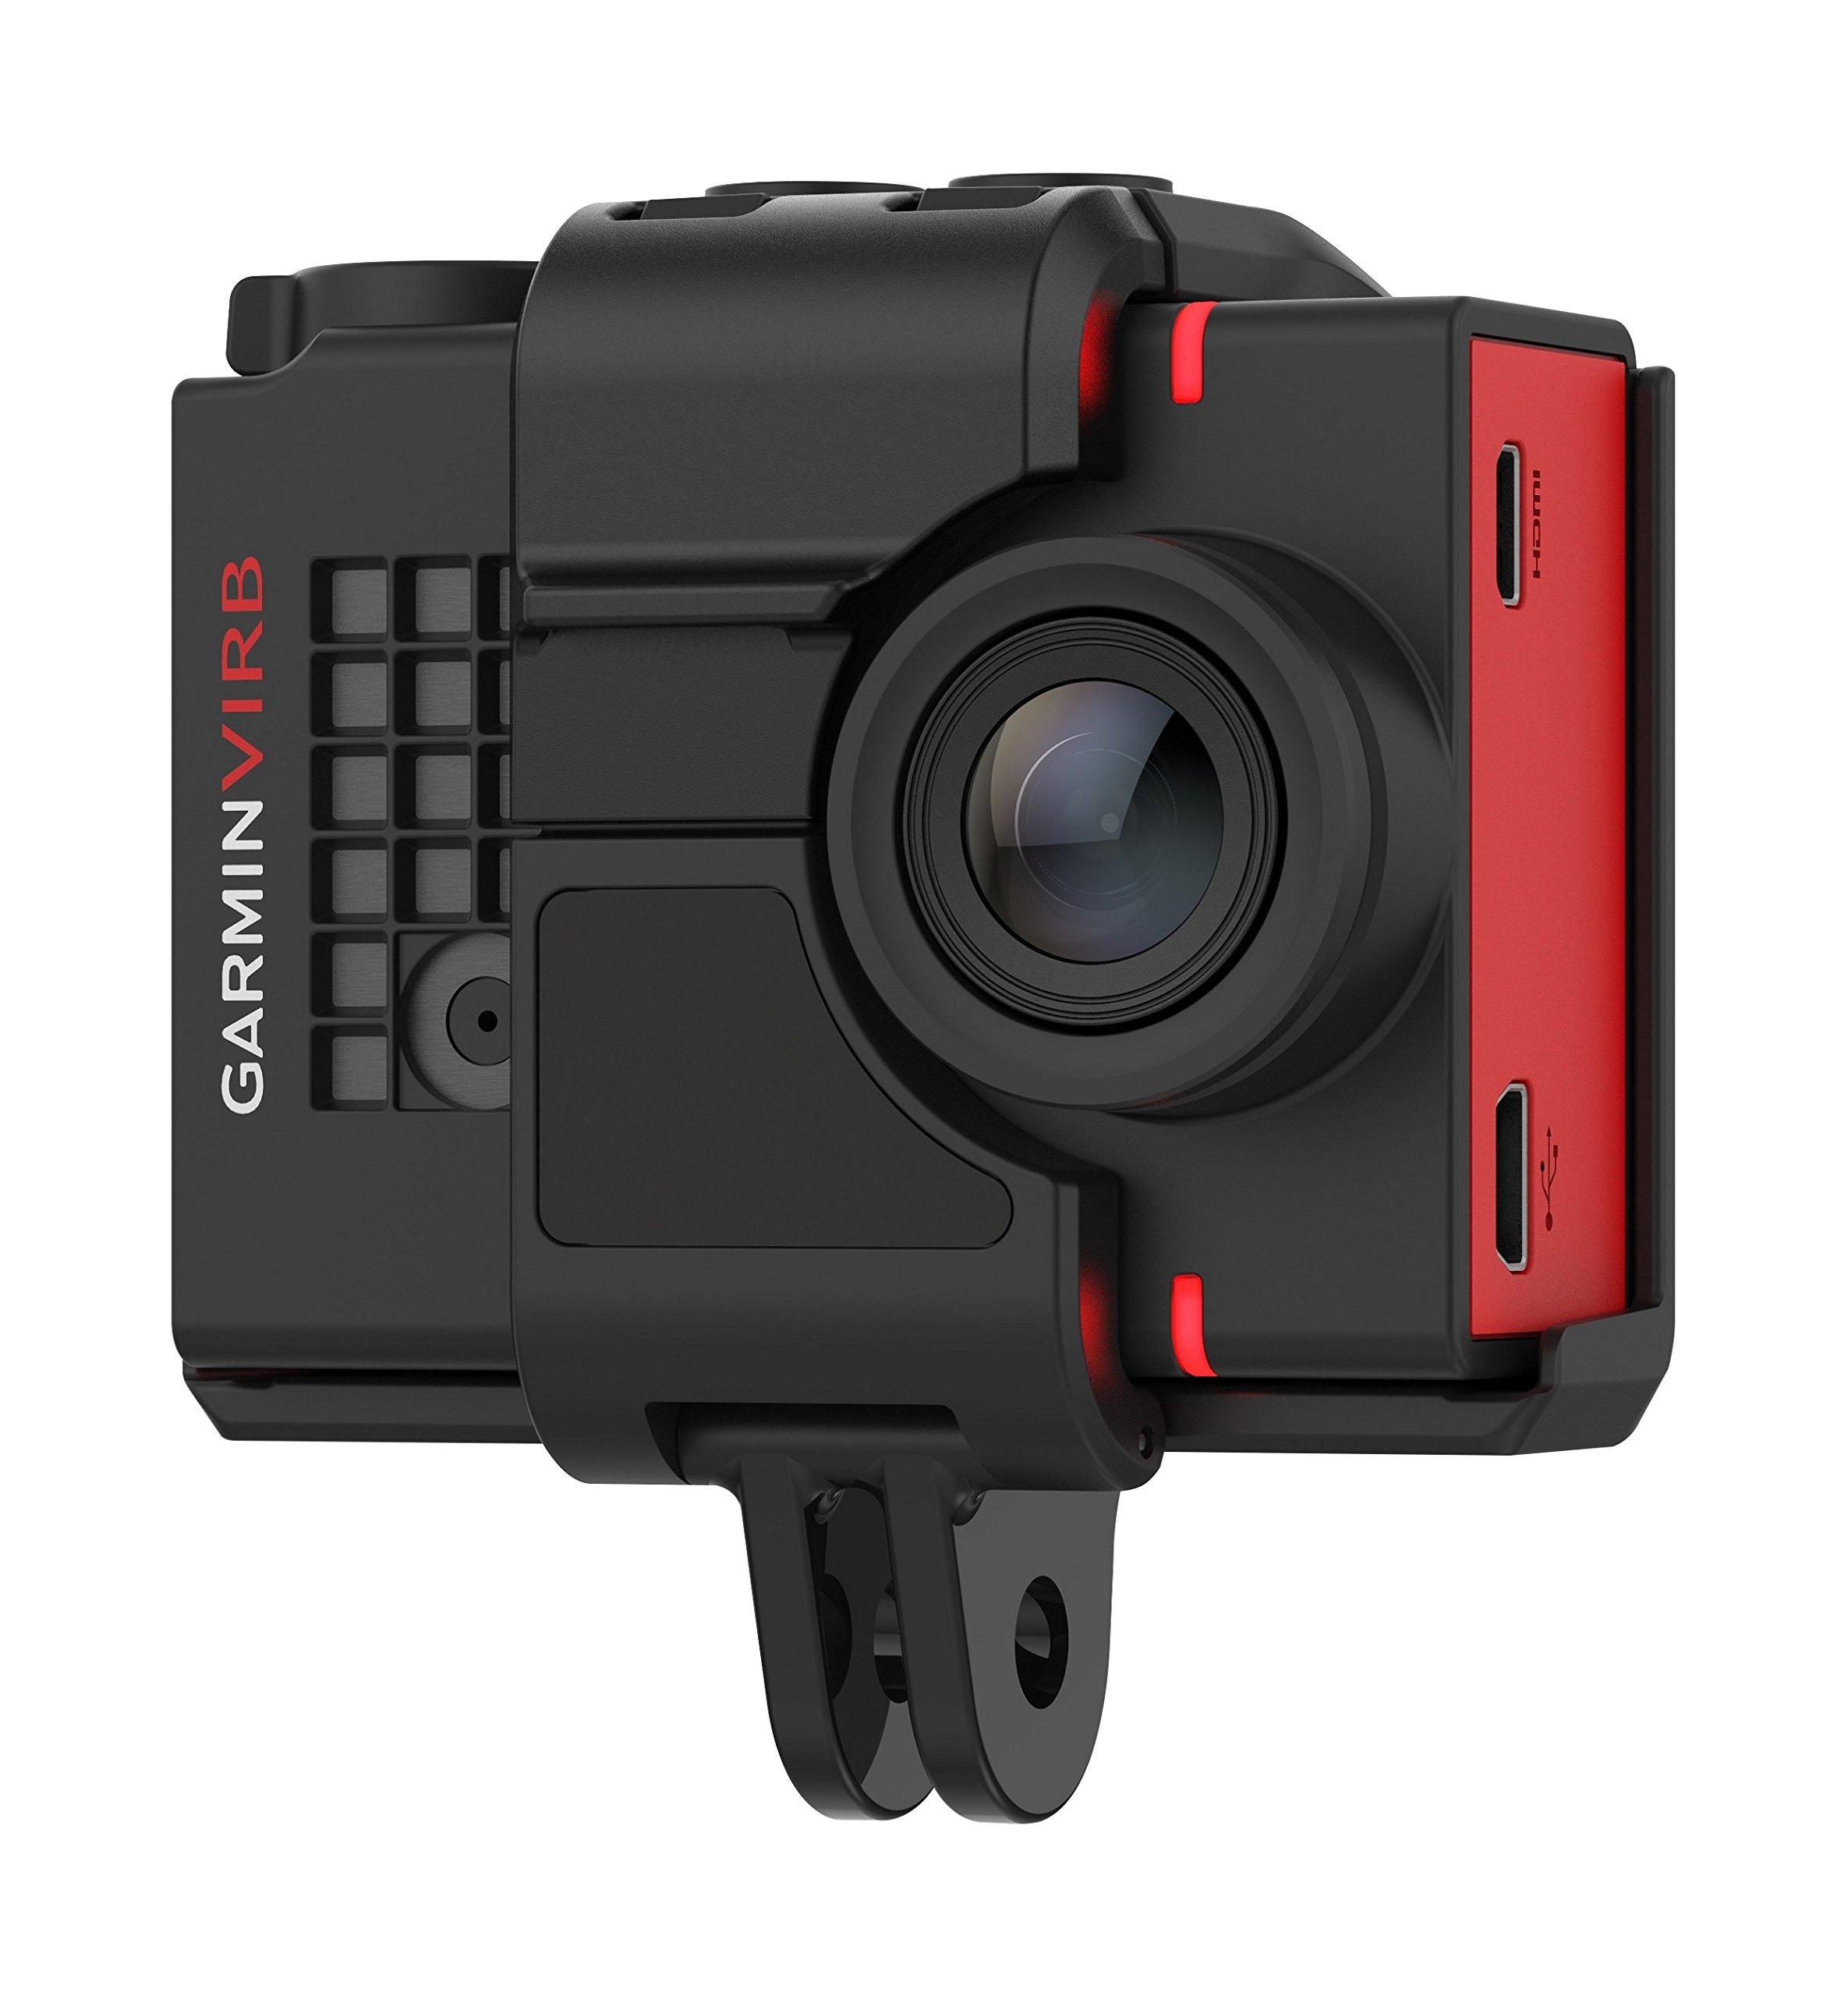 Garmin-VIRB-Ultra-30-Actionkamera